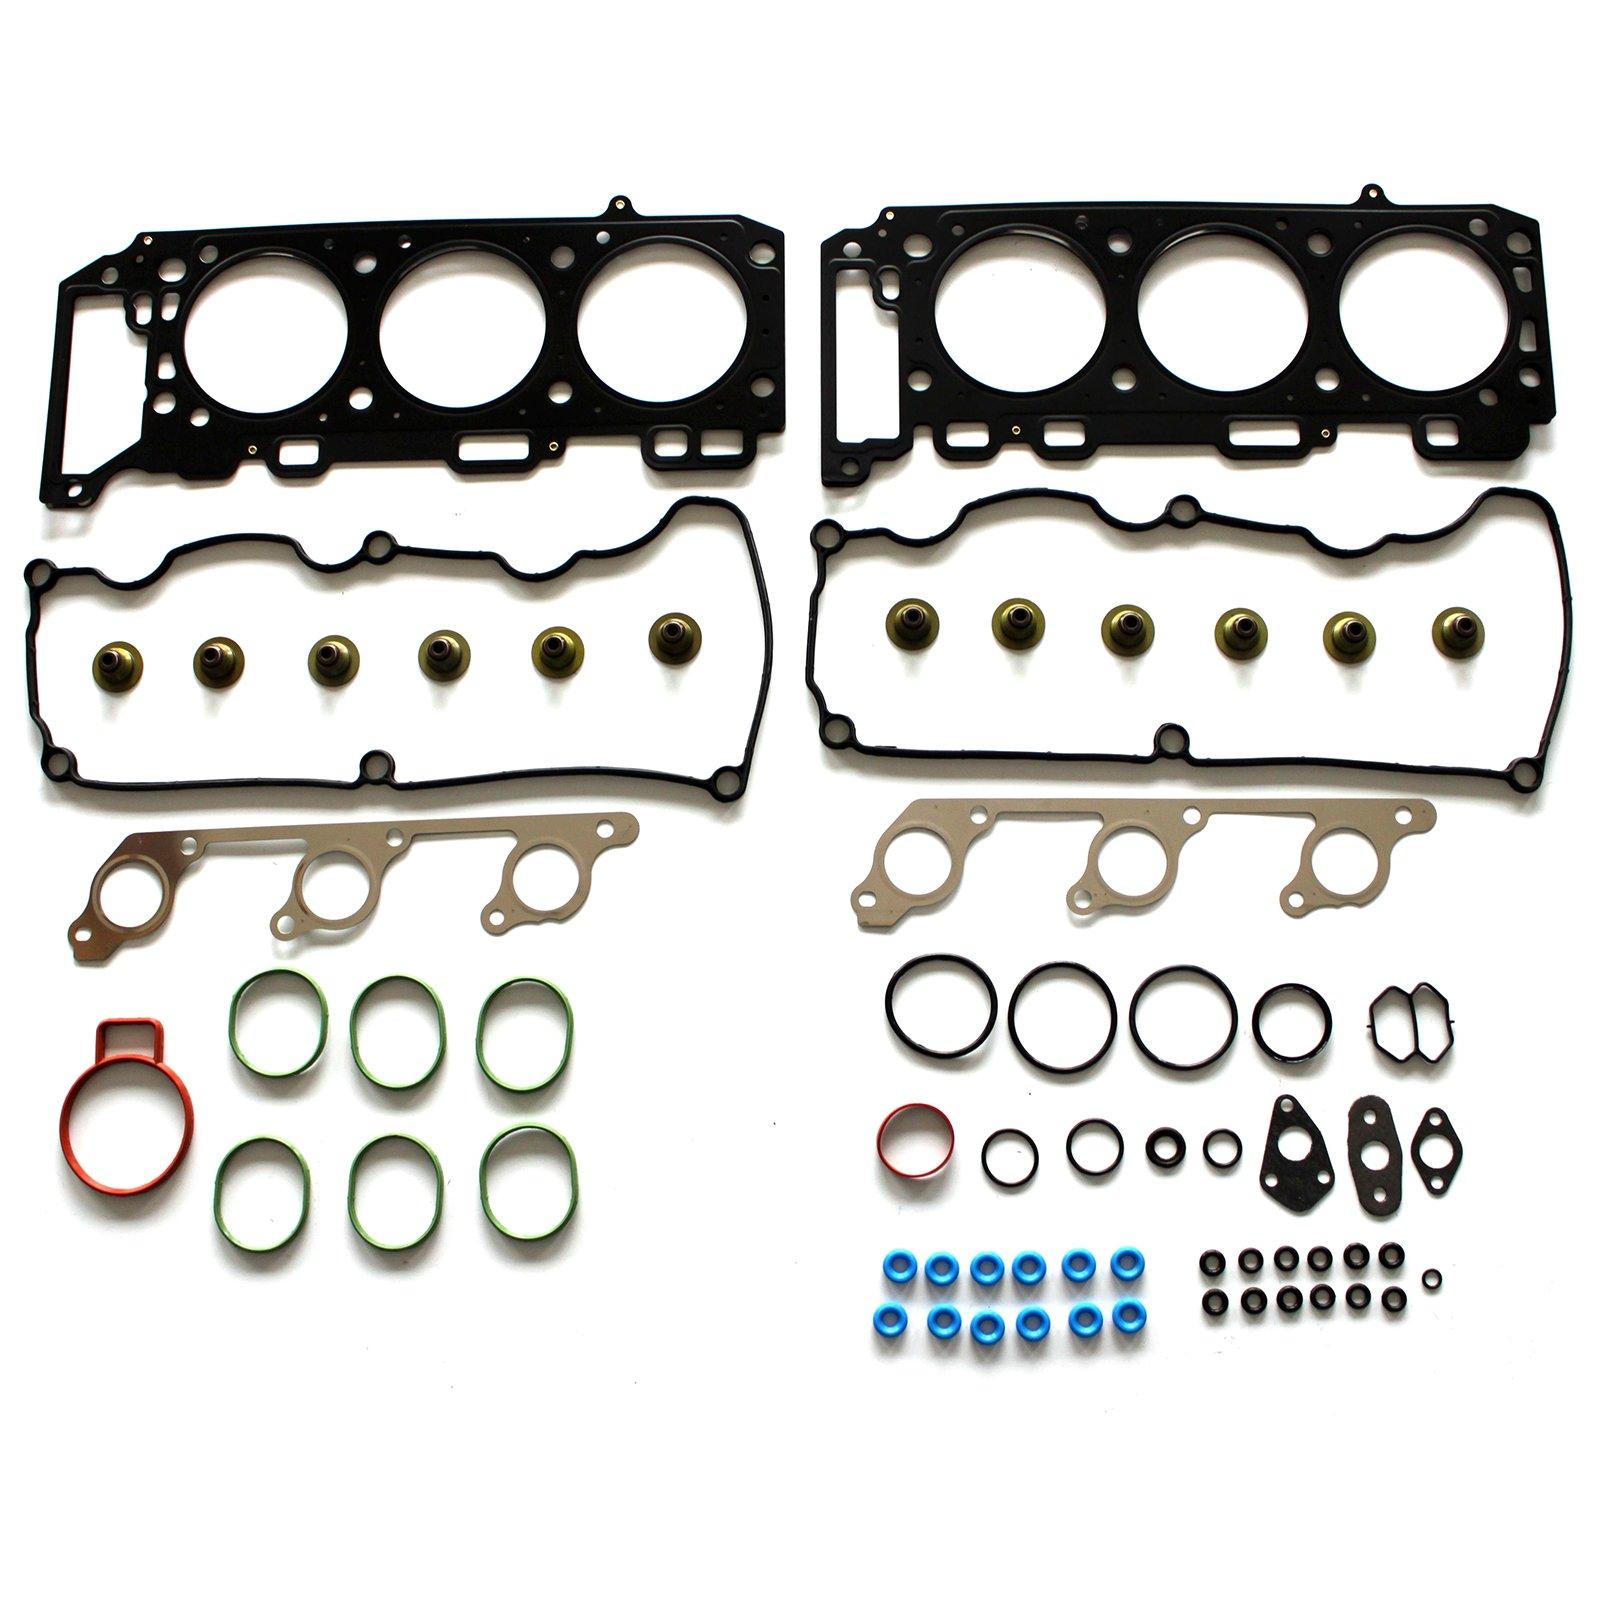 SCITOO Cylinder Head Gasket Sets, fit 1 Mazda B4000 Mercury Ford Explorer Ranger 4.0L V6 Engine Head Gaskets Automotive Replacement Gasket Sets